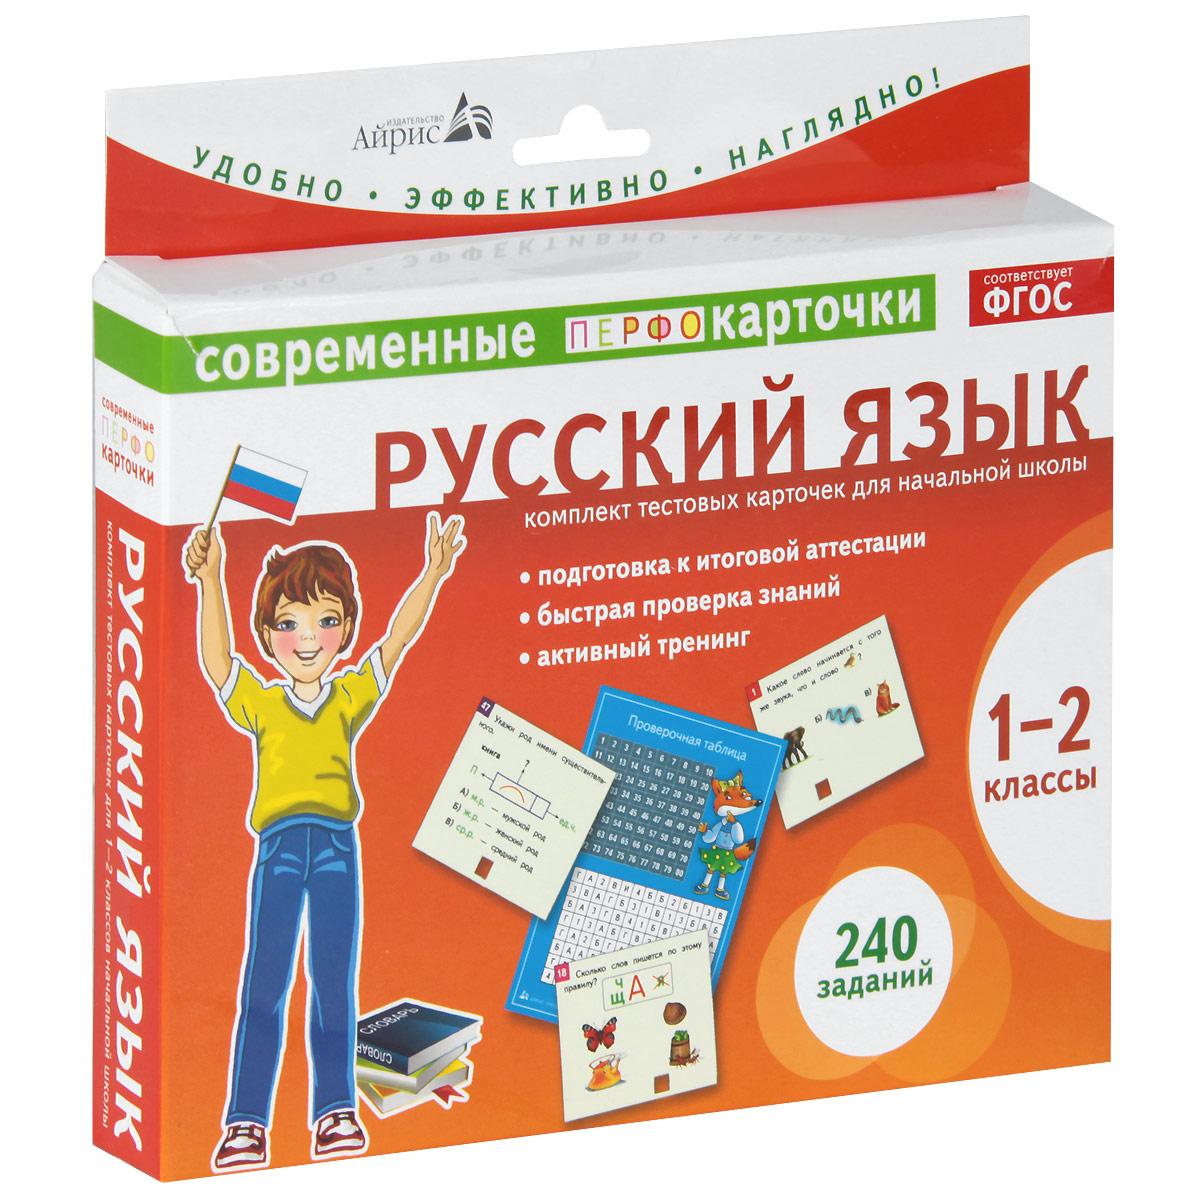 А. А. Штец, Е. Н. Куликова Русский язык. 1-2 классы (комплект из 120 тестовых карточек)